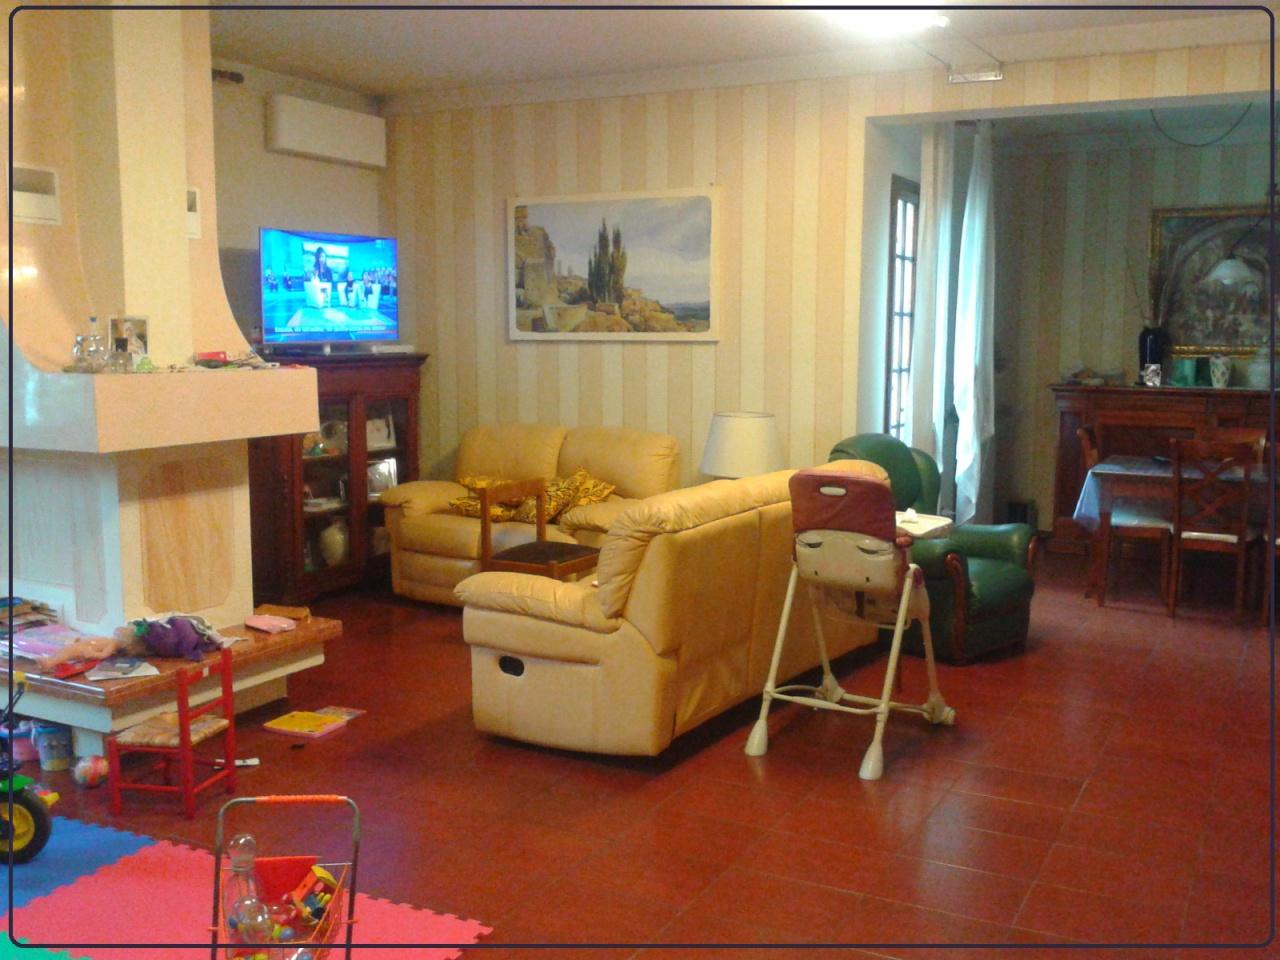 Appartamento Indipendente  Vendita Pistoia  - Pistoia Sud